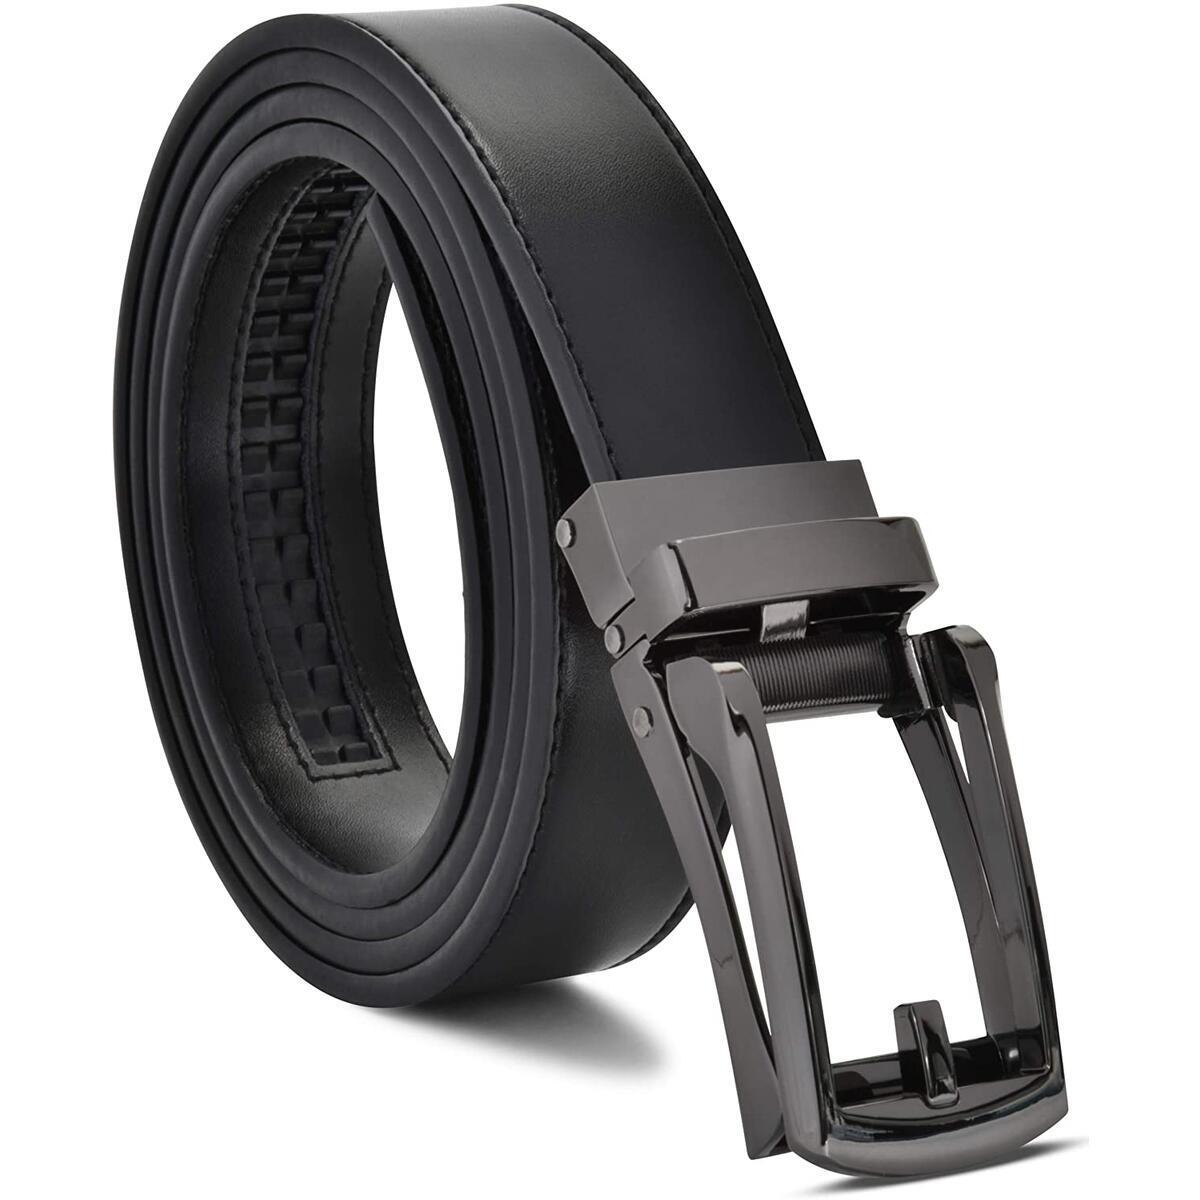 Rebate Only For : Color: Black Belt / Black Buckle  Size: ADJUSTS TO FIT 28-44  - Mens Genuine Leather Ratchet Dress Belt with Slide Belt for men